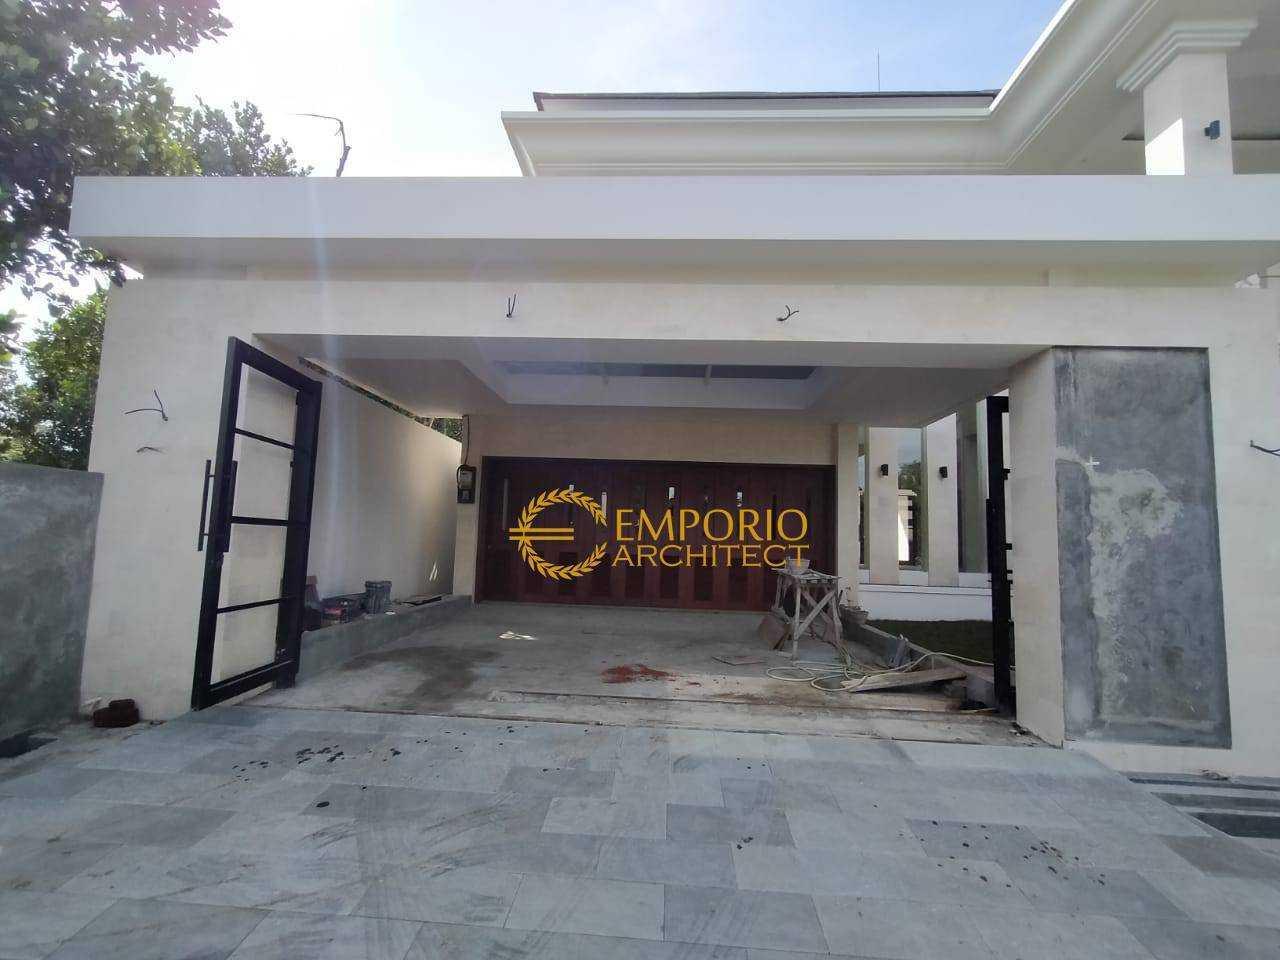 Emporio Architect Jasa Arsitek Denpasar Progress Pembangunan Rumah Villa Bali Tropis 216 @ Denpasar, Bali Kota Denpasar, Bali, Indonesia Kota Denpasar, Bali, Indonesia Emporio-Architect-Jasa-Arsitek-Denpasar-Progress-Pembangunan-Rumah-Villa-Bali-Tropis-216-Denpasar-Bali   91134